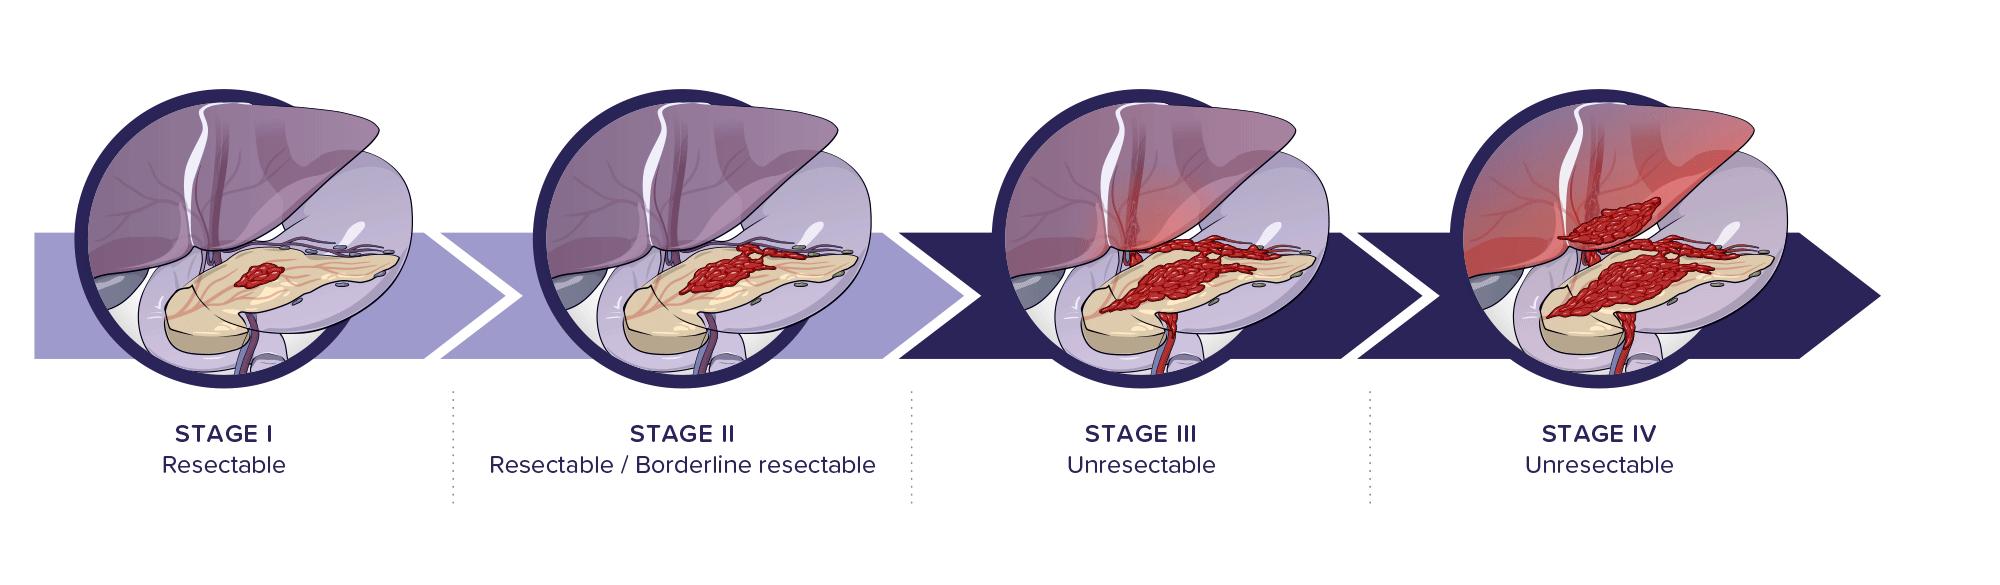 Algoritmul de diagnostic al cancerului pancreatic